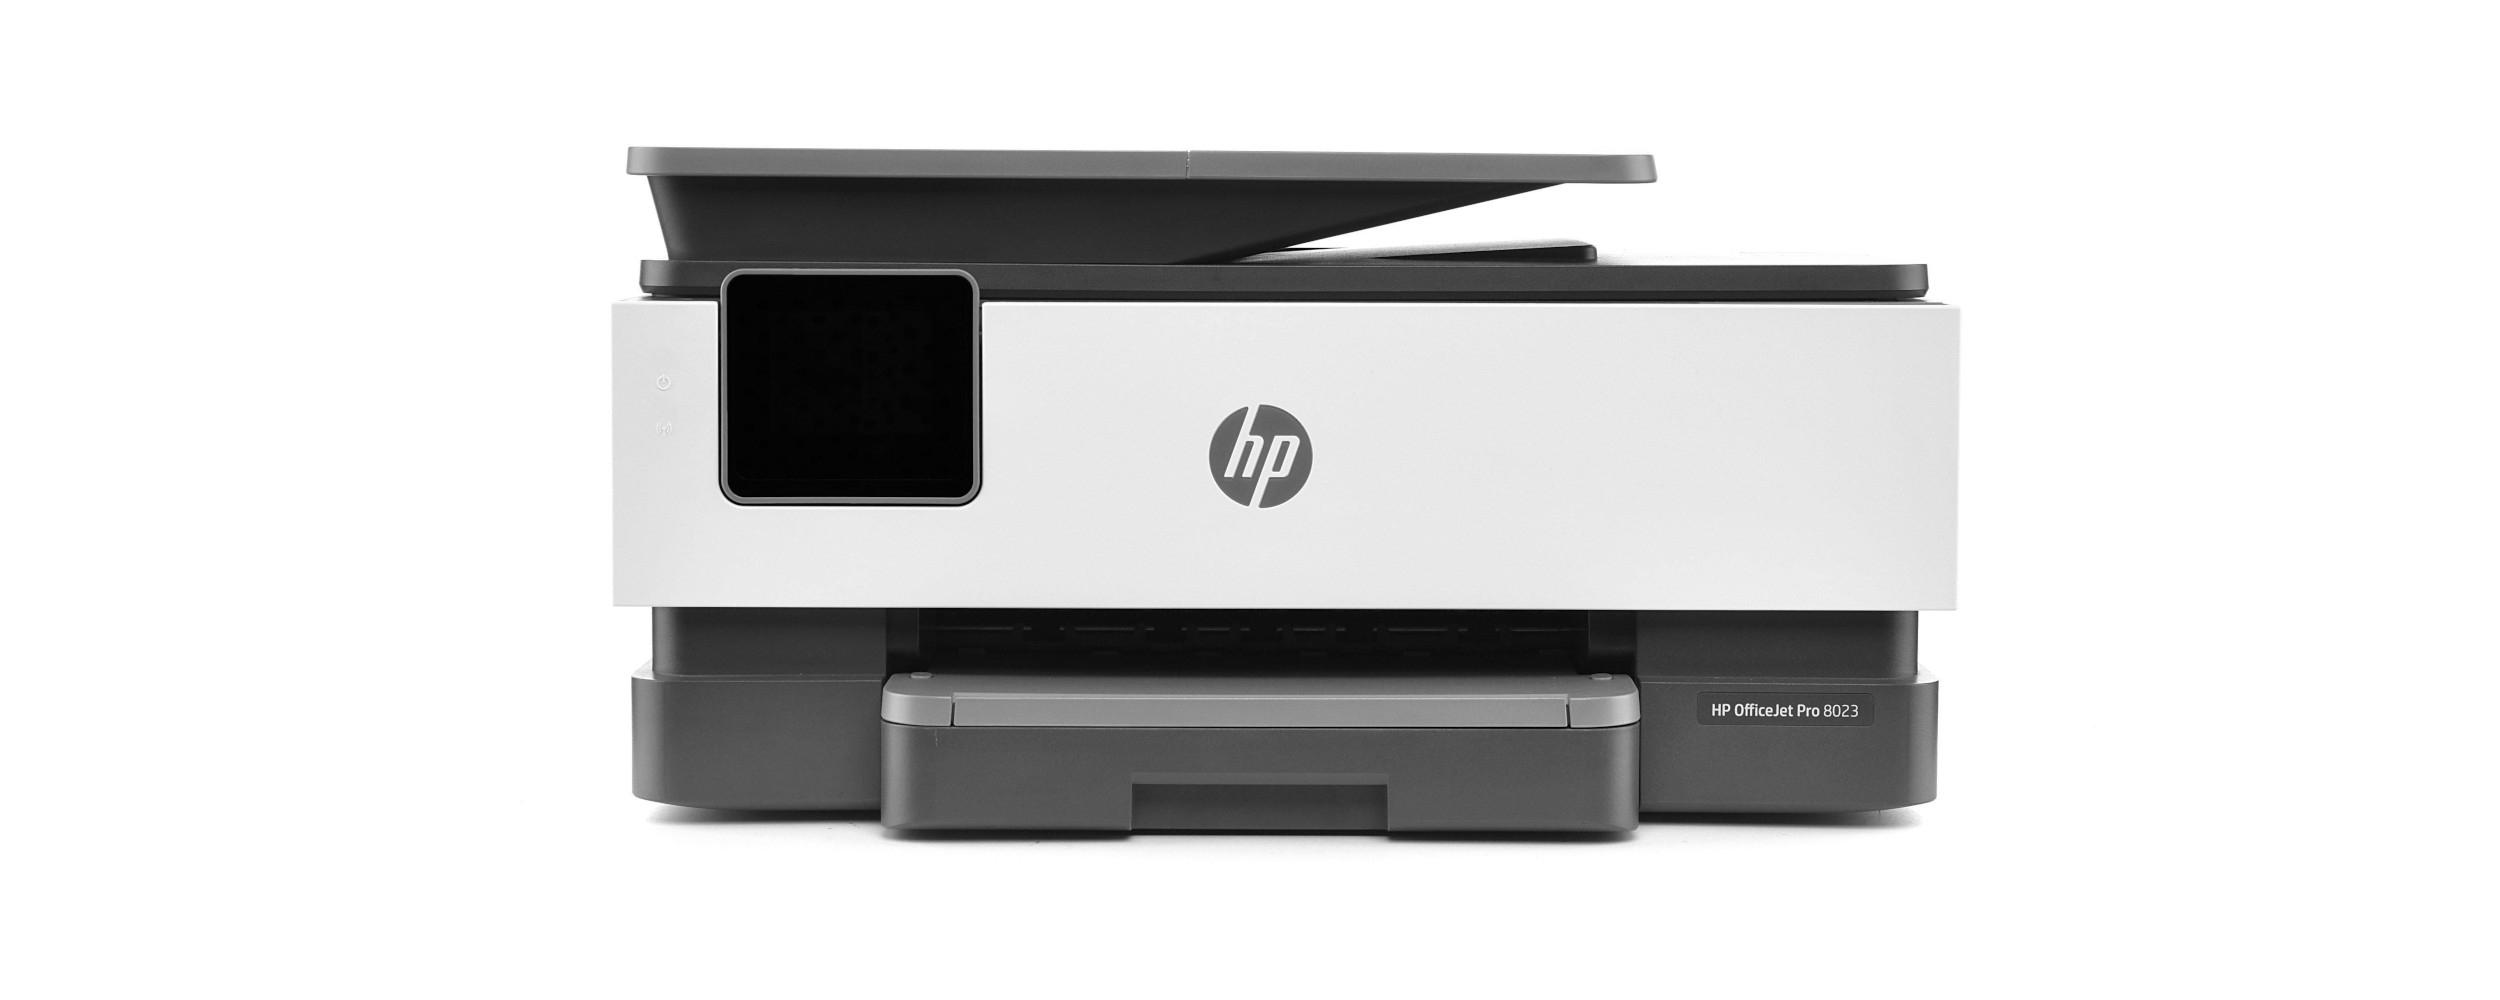 Cartuchos HP OfficeJet Pro 8023